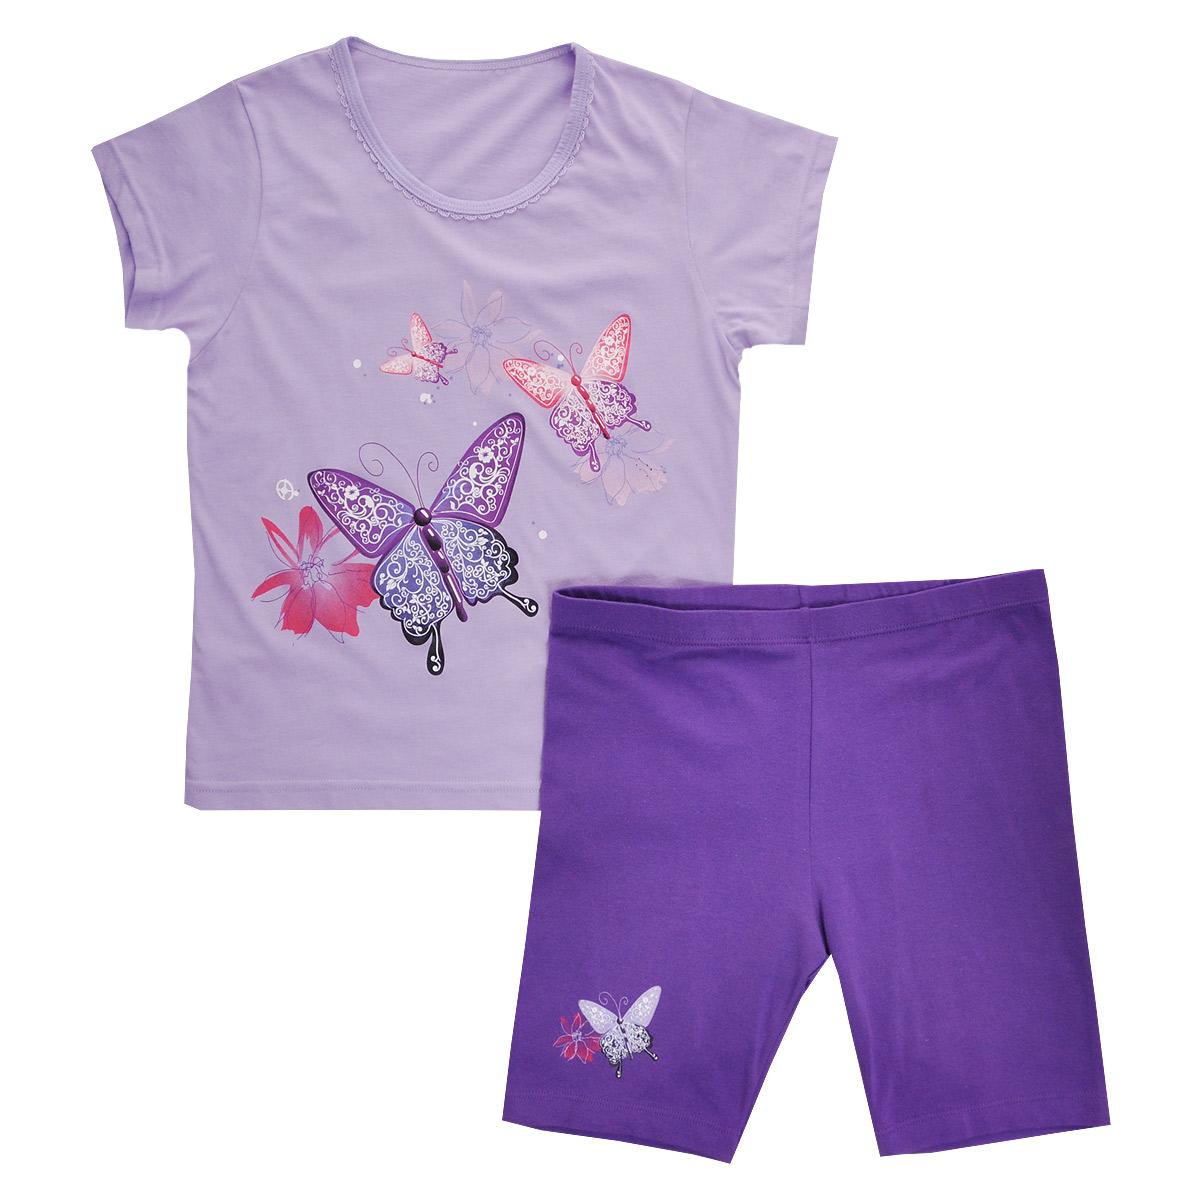 Комплект для девочки Lowry: футболка, шорты, цвет: сиреневый, фиолетовый. GF/GL-252. Размер 36 (XXL)GF/GL-252Комплект для девочки Lowry, состоящий из футболки и шорт, идеально подойдет вашей малышке. Изготовленный из натурального хлопка, он необычайно мягкий и приятный на ощупь, не сковывает движения малышки и позволяет коже дышать, не раздражает даже самую нежную и чувствительную кожу ребенка, обеспечивая ему наибольший комфорт. Футболка с короткими рукавами и круглым вырезом горловины спереди оформлена яркой термоаппликацией с изображением бабочек. Вырез горловины украшен ажурными рюшами.Шортики на талии имеют широкую эластичную резинку, благодаря чему они не сдавливают животик ребенка и не сползают. Правая брючина оформлена термоаппликацией с изображением бабочки и цветочка.Оригинальный дизайн и модная расцветка делают этот комплект незаменимым предметом детского гардероба. В нем вашей маленькой принцессе будет комфортно и уютно, и она всегда будет в центре внимания!